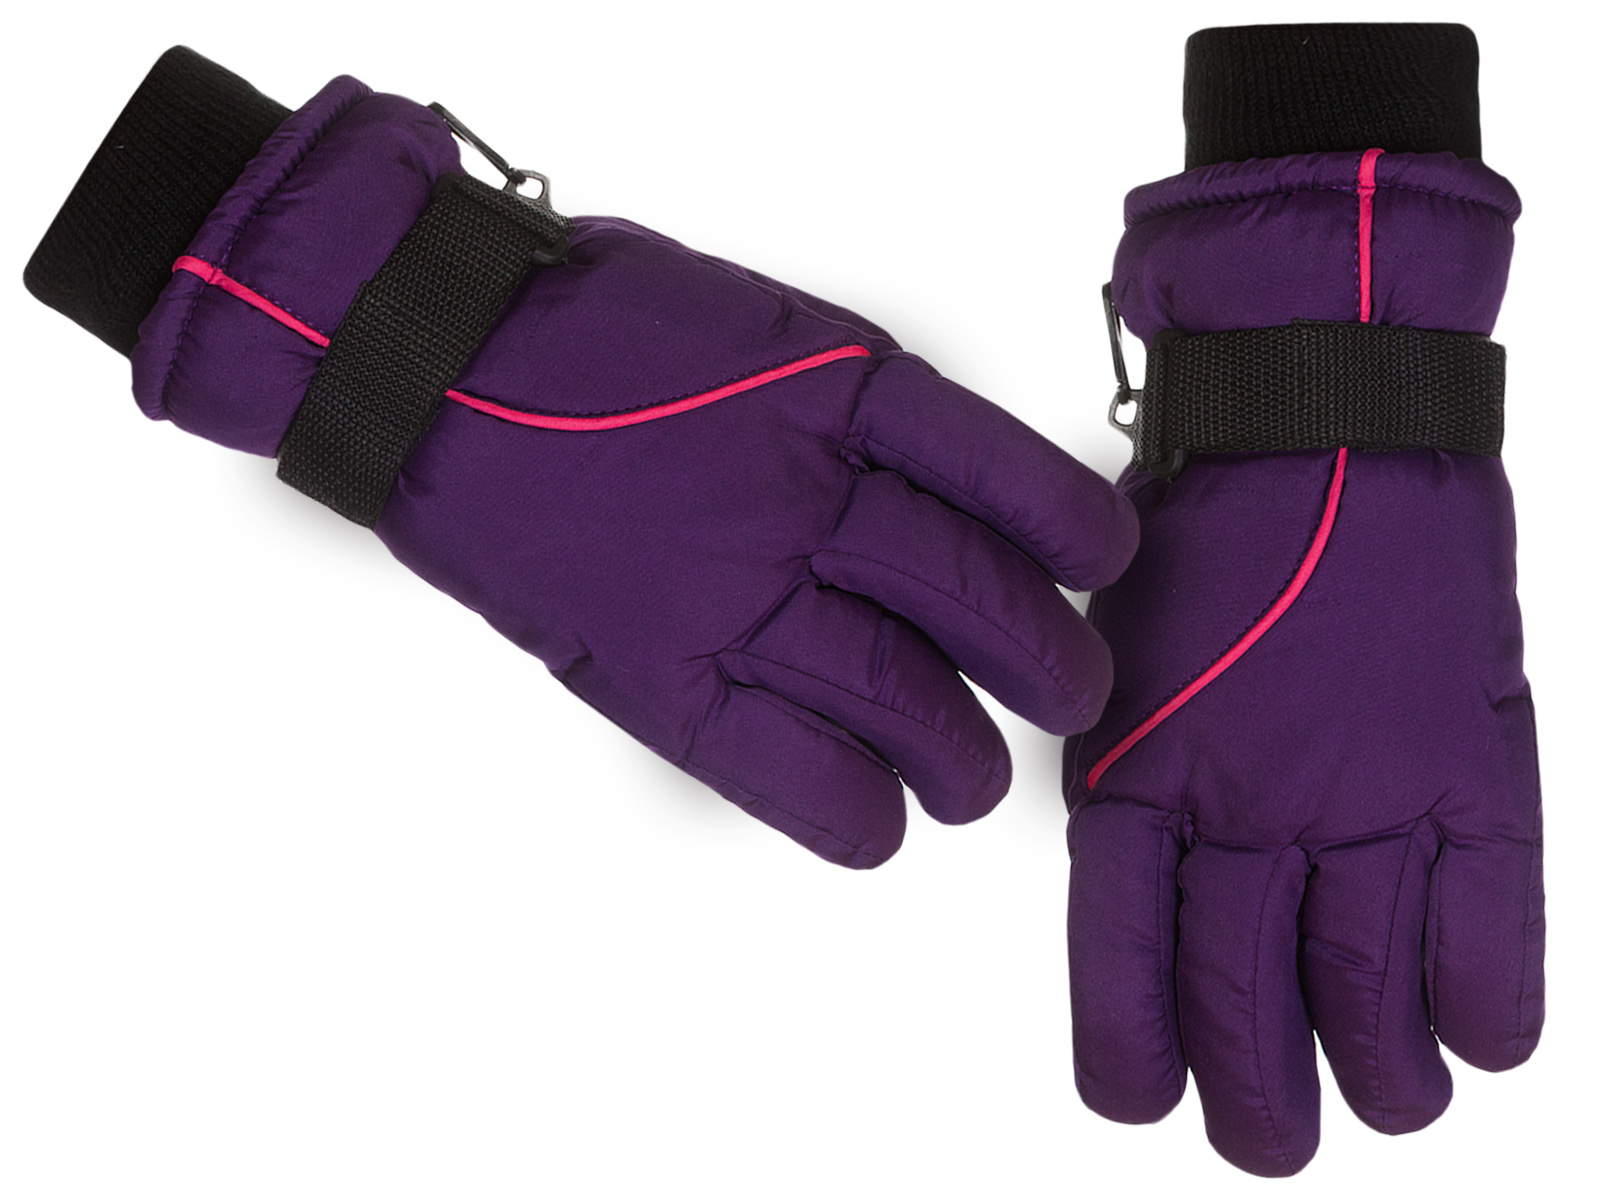 Оригинальные зимние перчатки Polar по выгодной цене